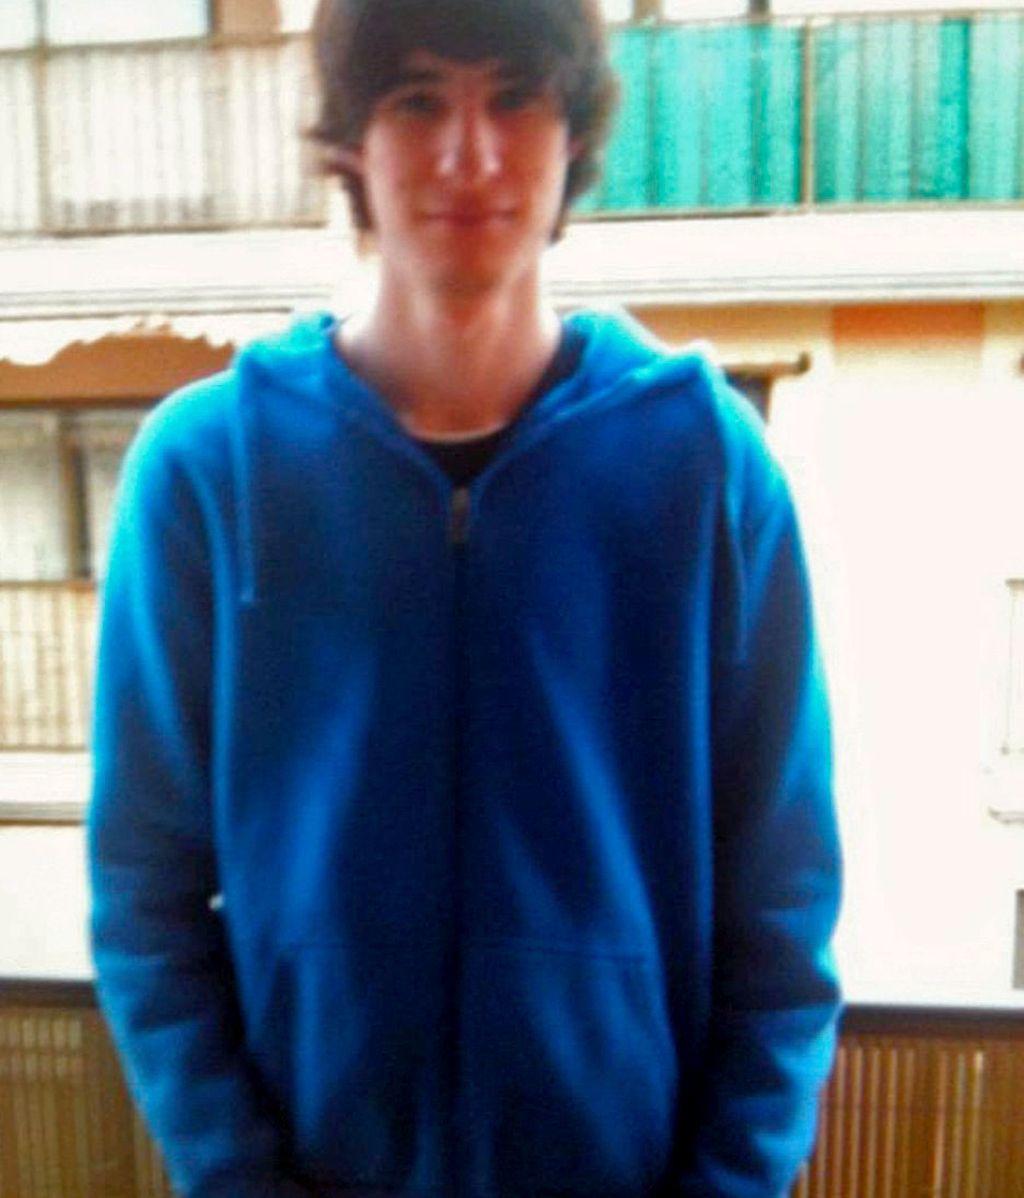 J.M.M.S., de 21 años, fue detenido con 140 kilos de explosivos en su poder